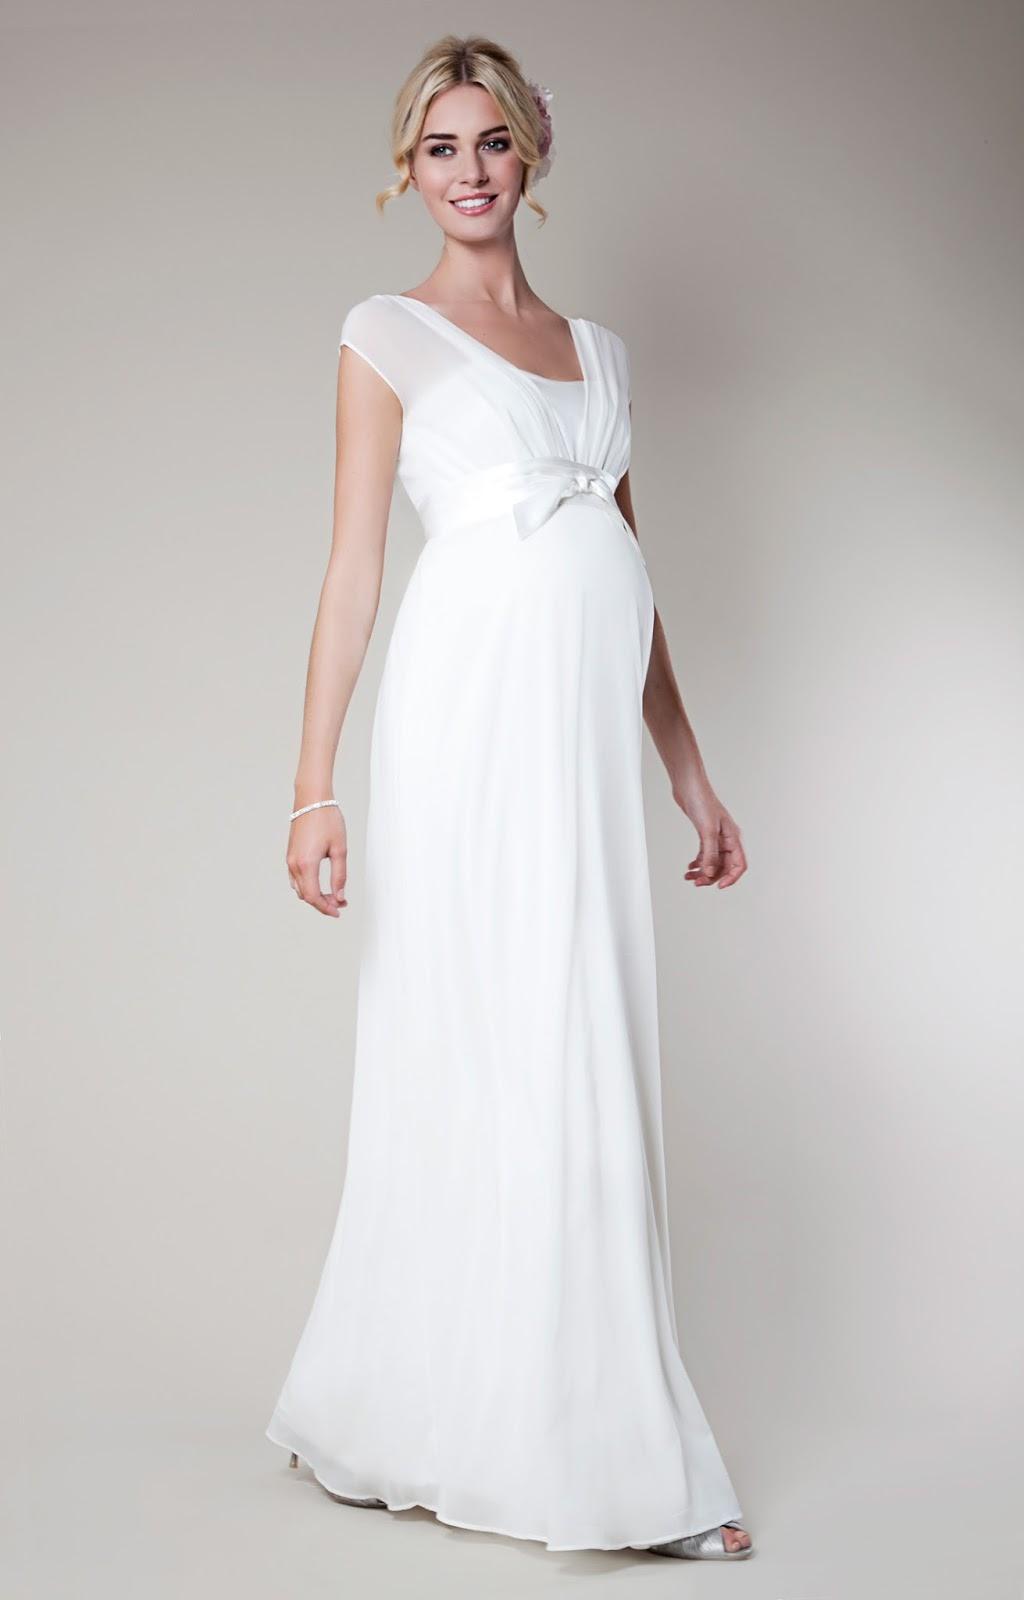 wedding dresses for pregnant women maternity dresses for weddings